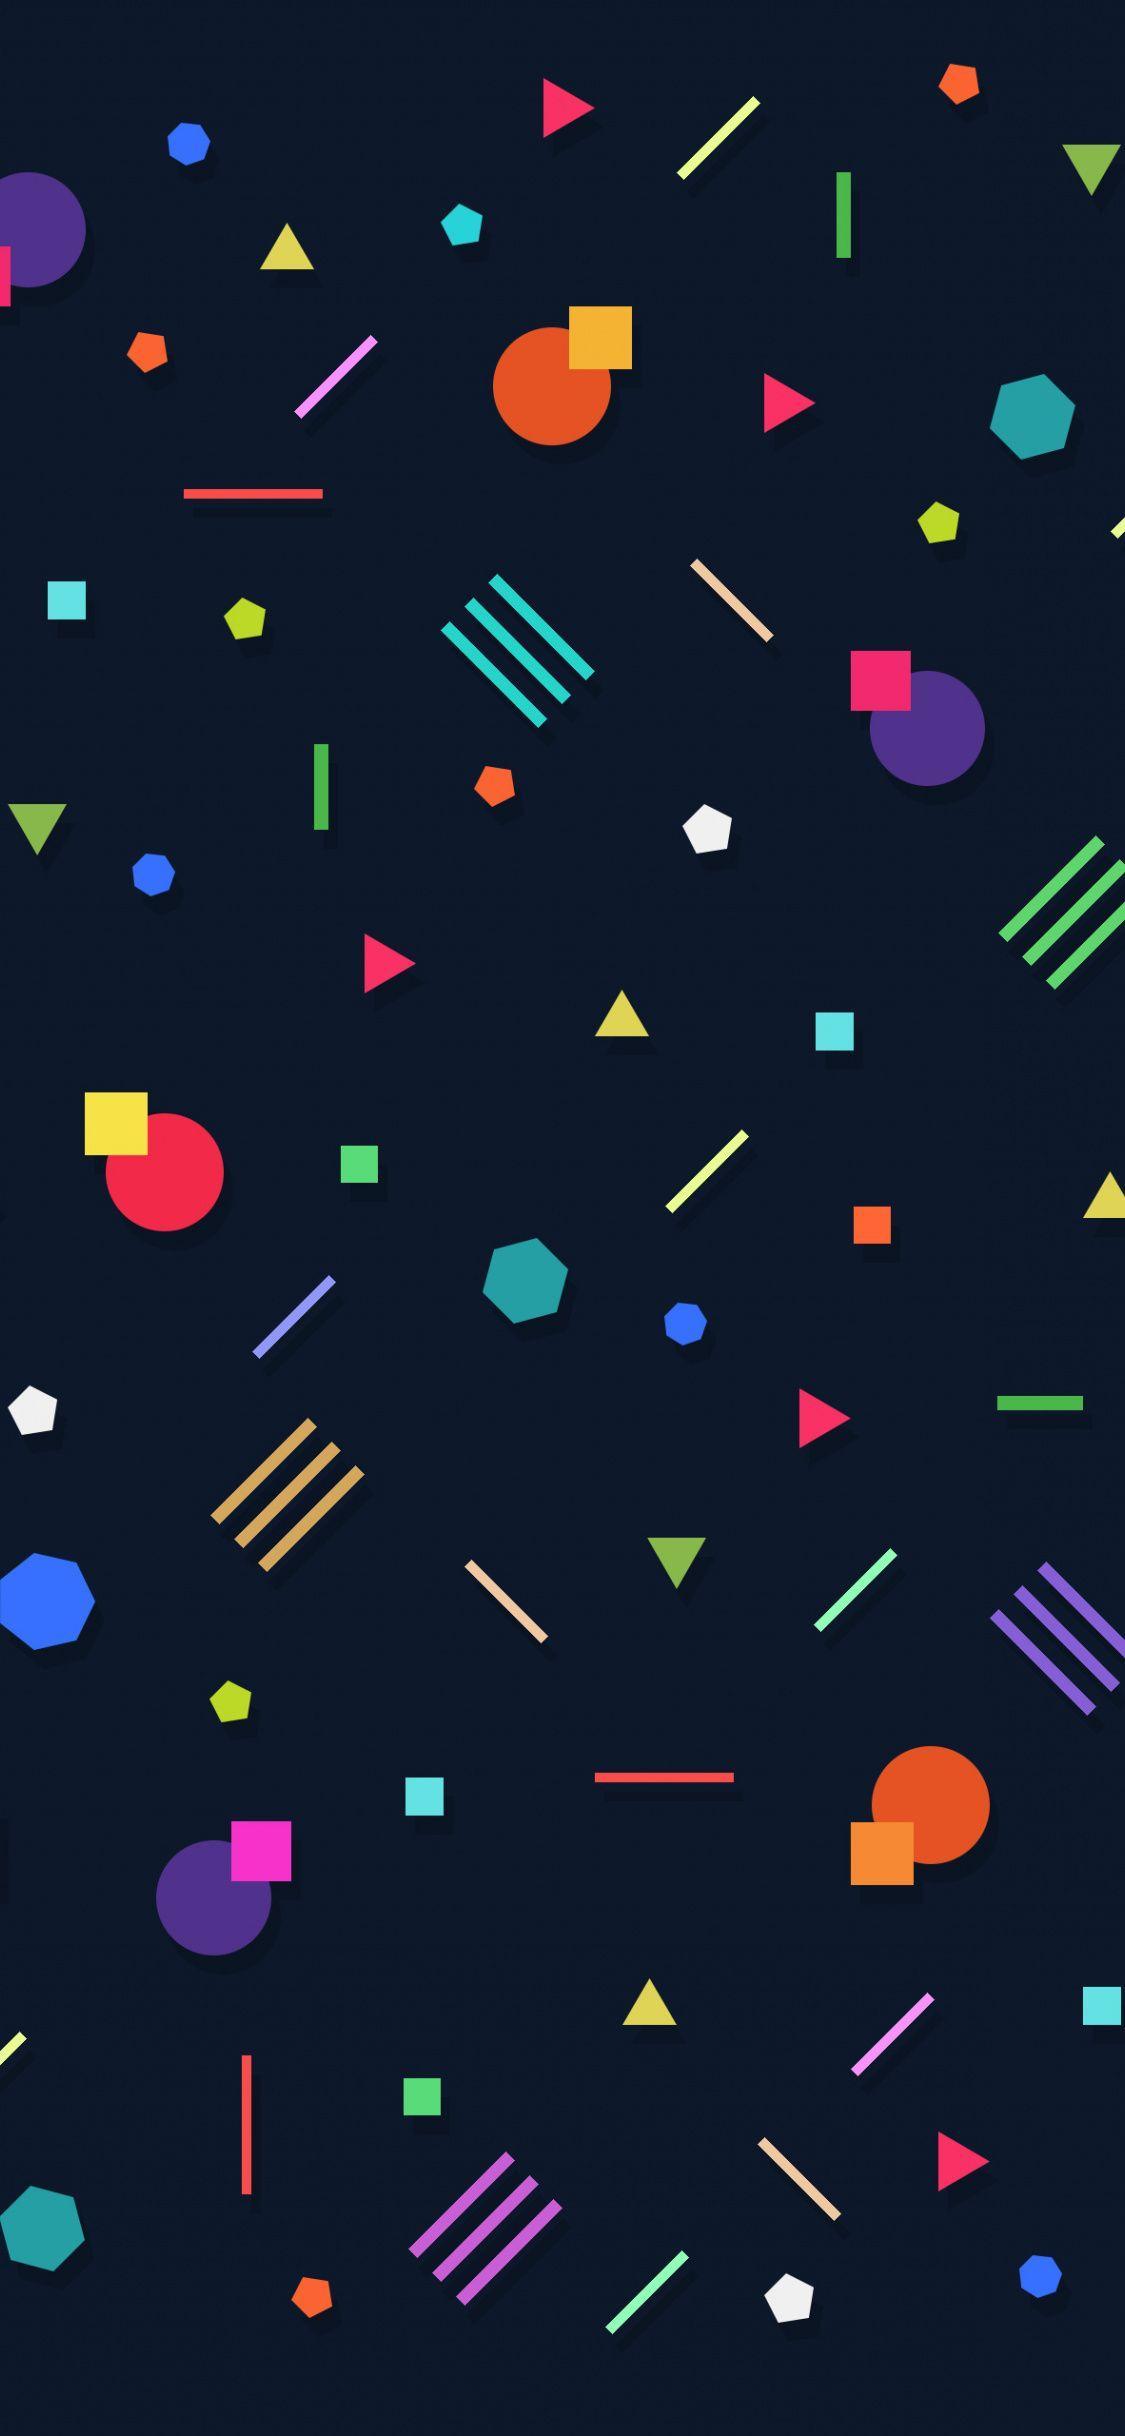 Geometric Minimalist Wallpapers - Top Free Geometric ...